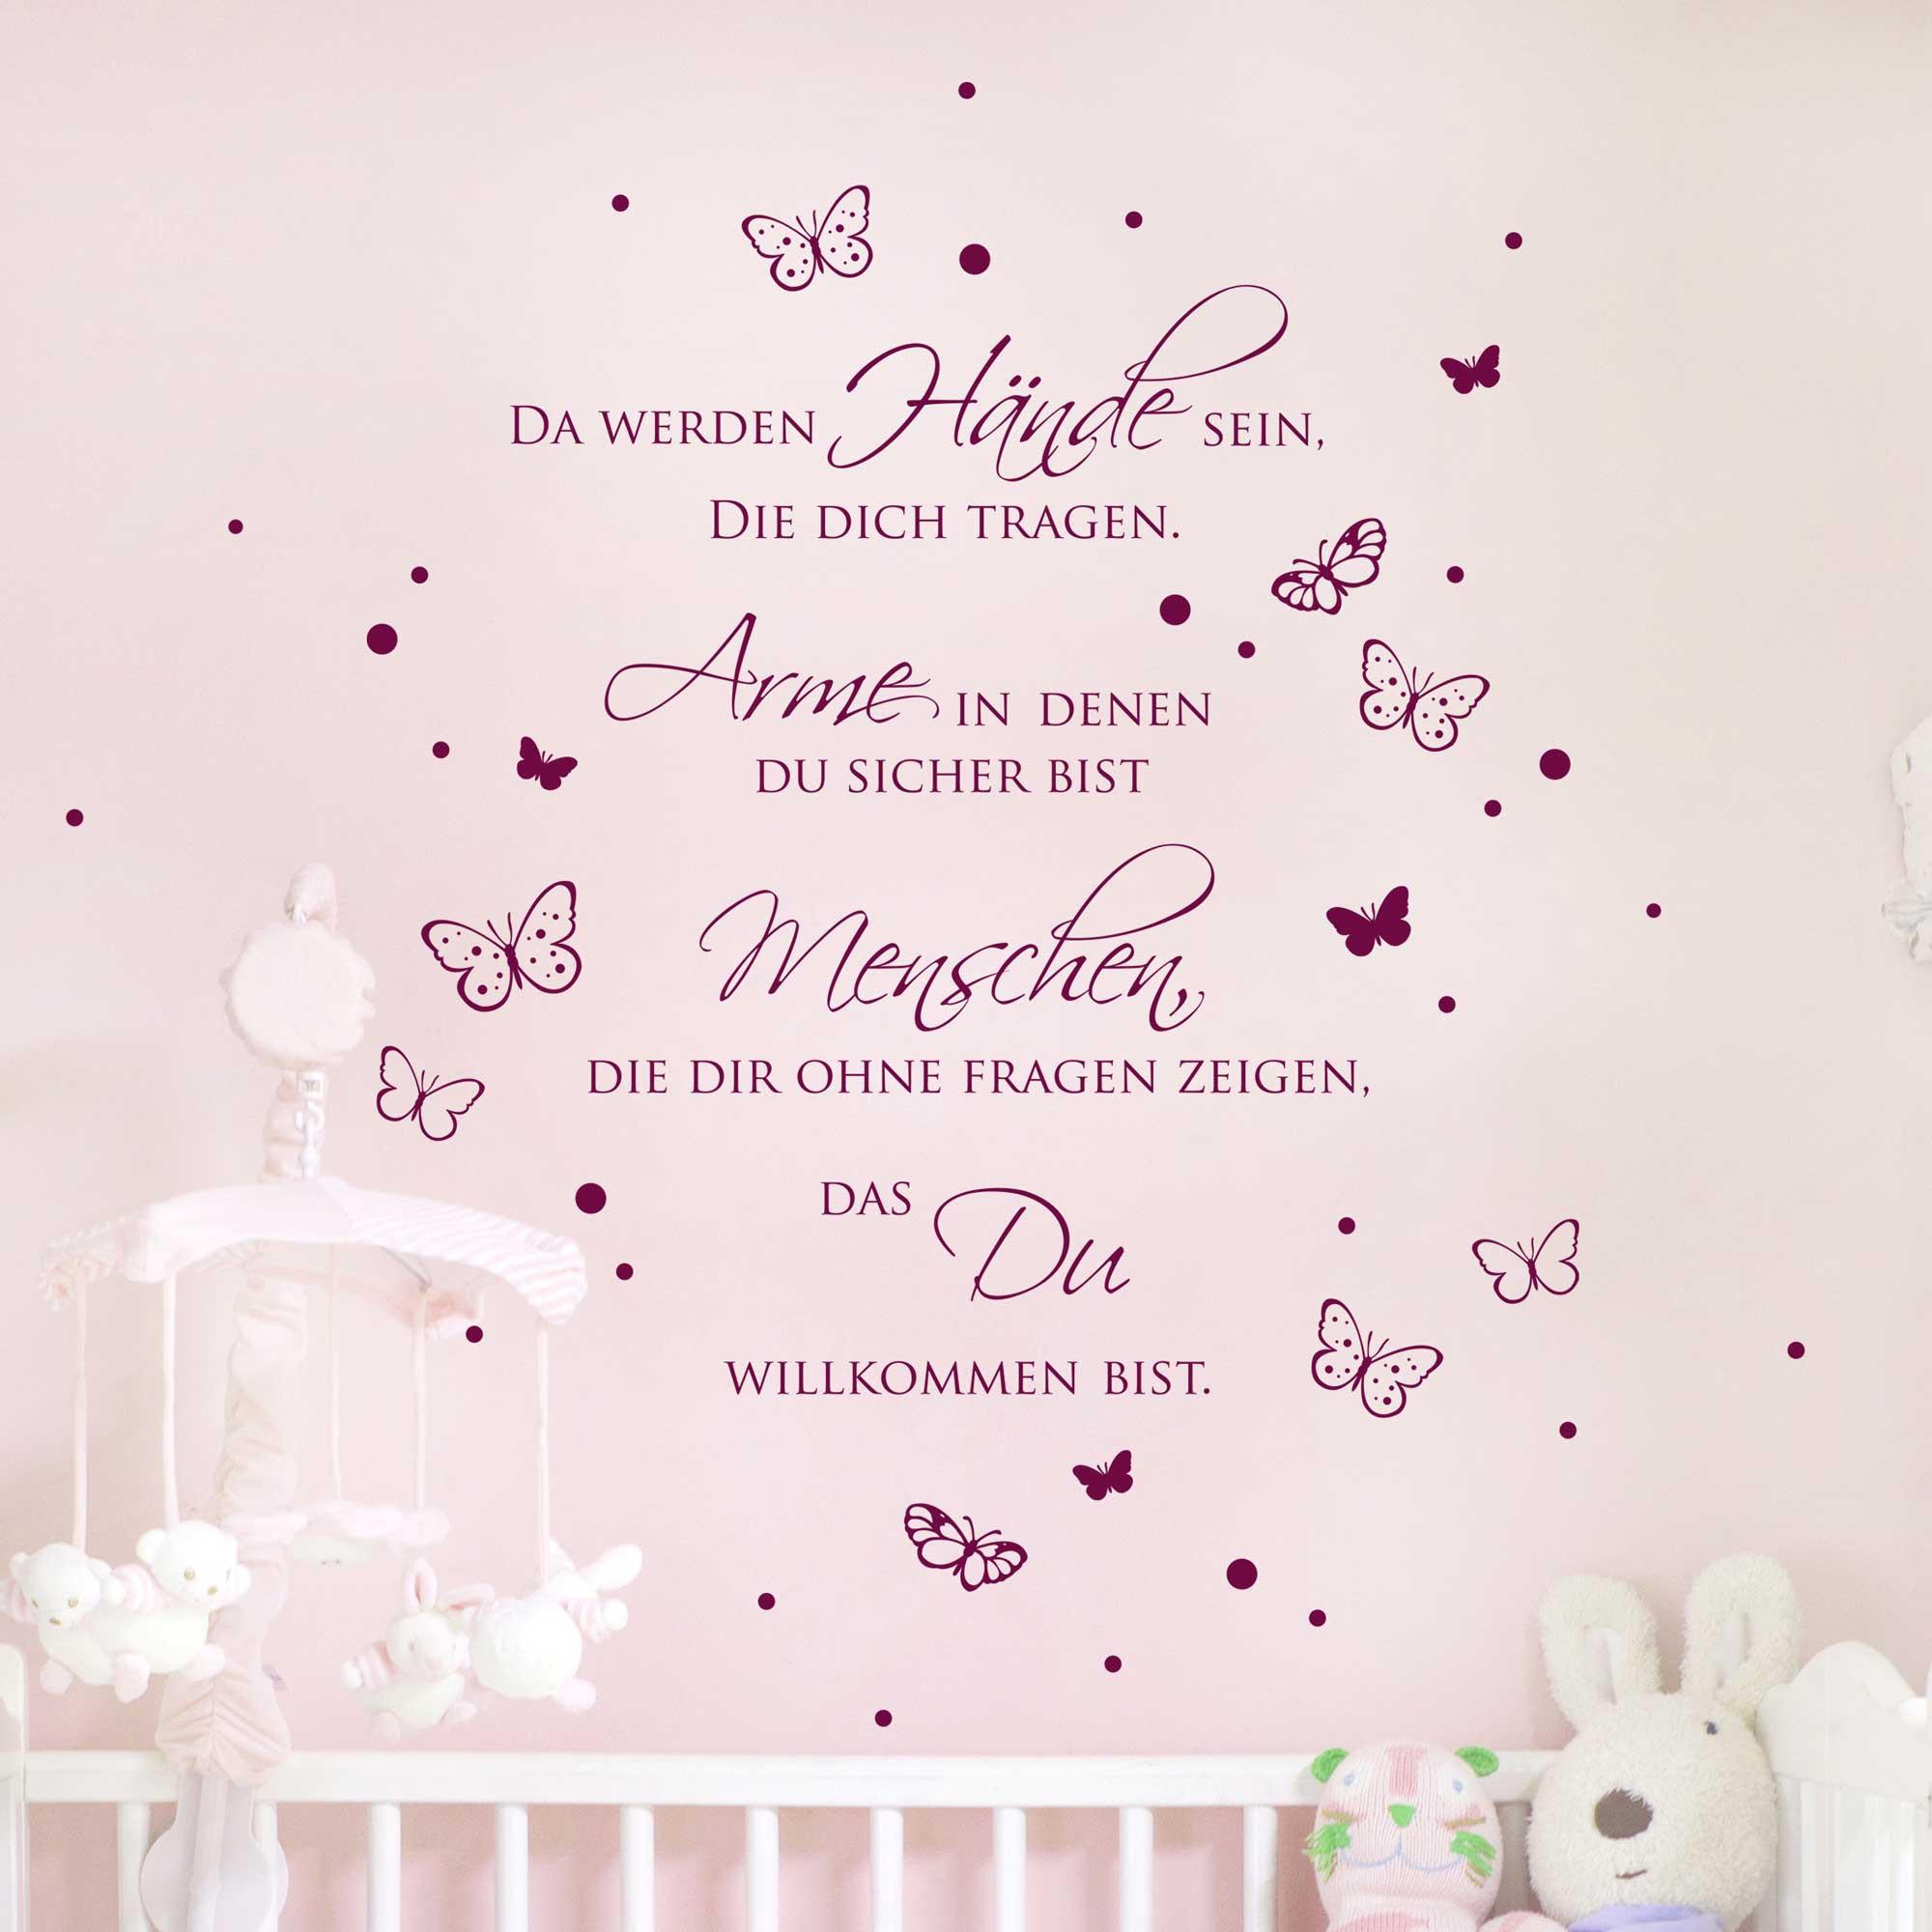 Wandtattoo Zitat Baby Spruch Da Werden Hande Sein Mit